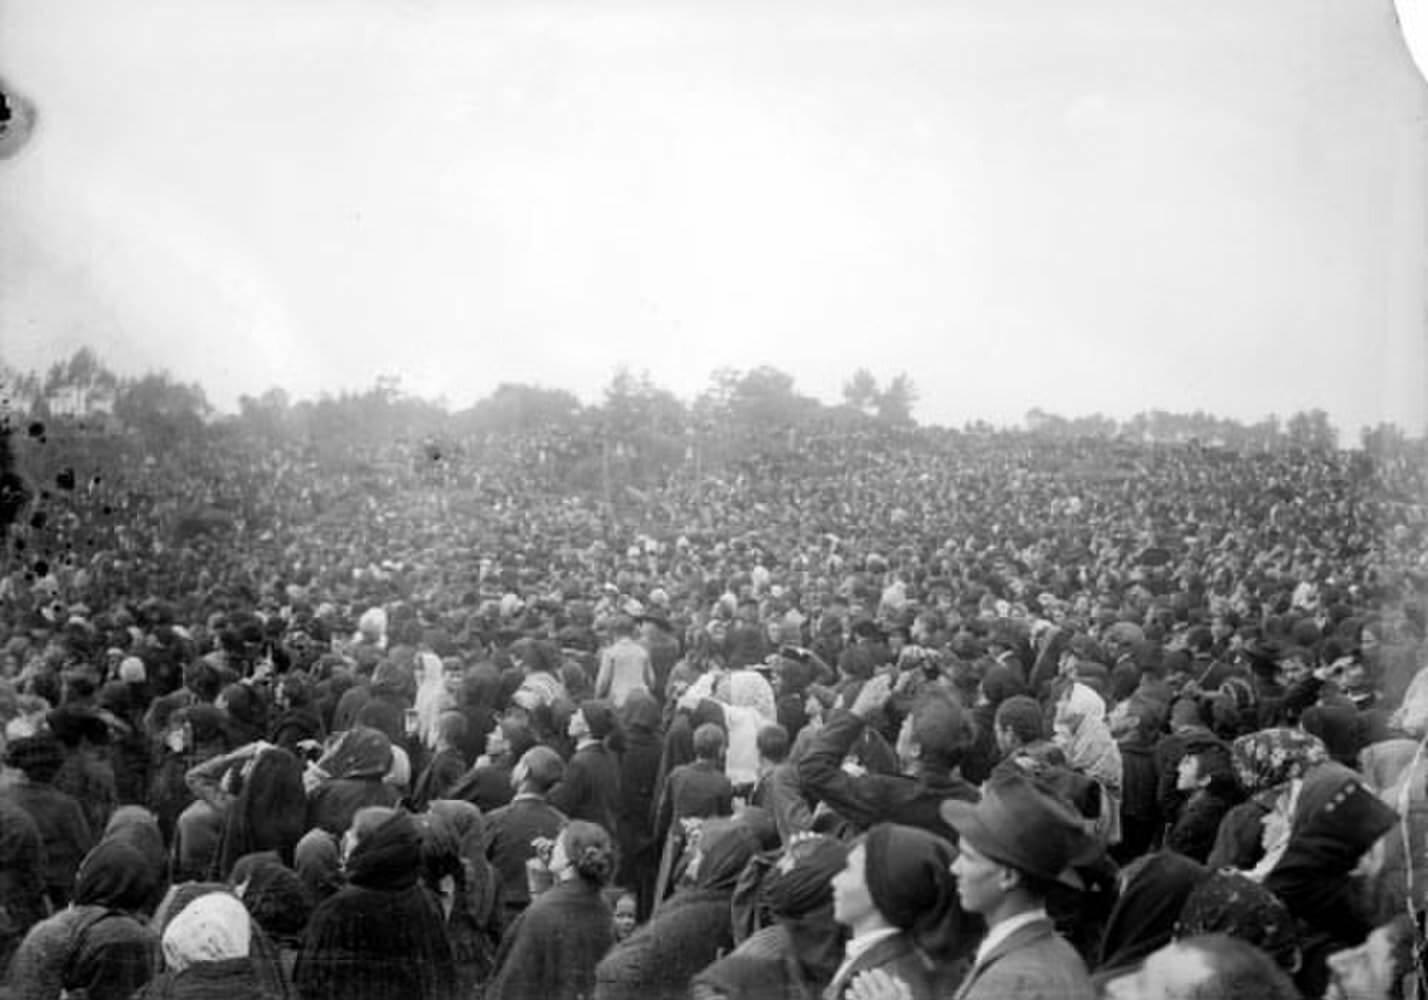 Phép lạ: Đúng 100 năm sau biến cố Fatima, phép lạ mặt trời múa dường như đã tái diễn tại Benin City